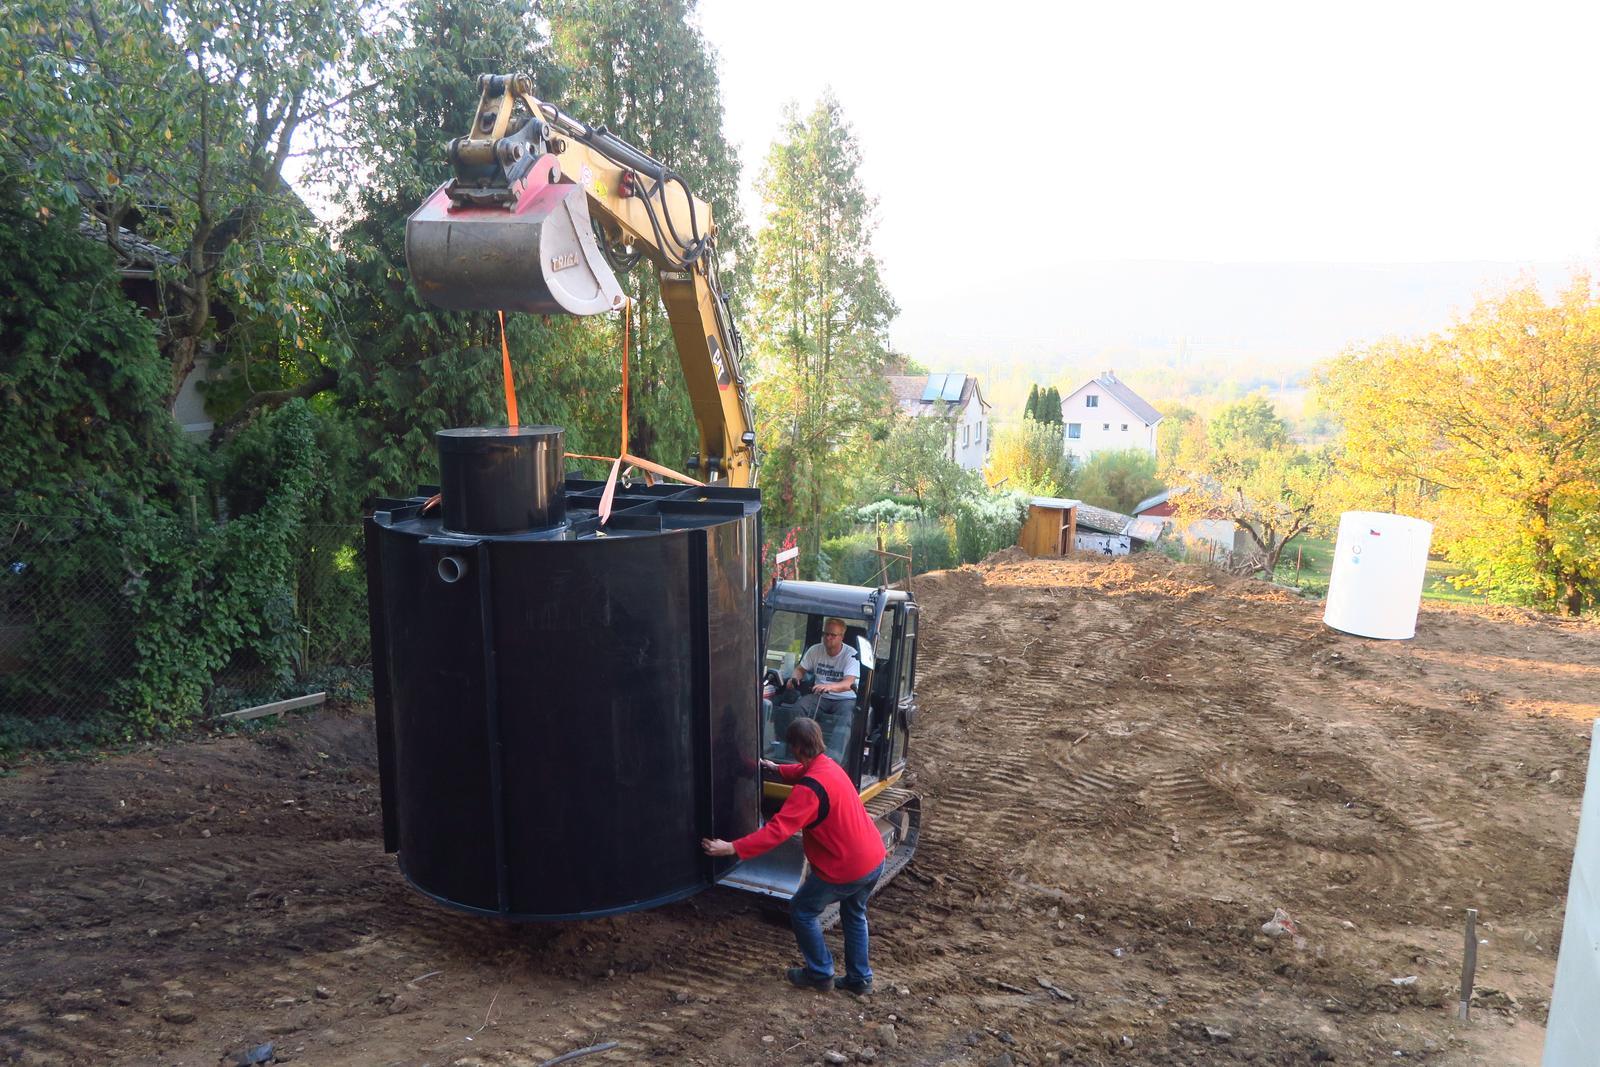 Stavba našeho bungalovu ve svahu - Vody je málo, velká nádrž na dešťovku musí být